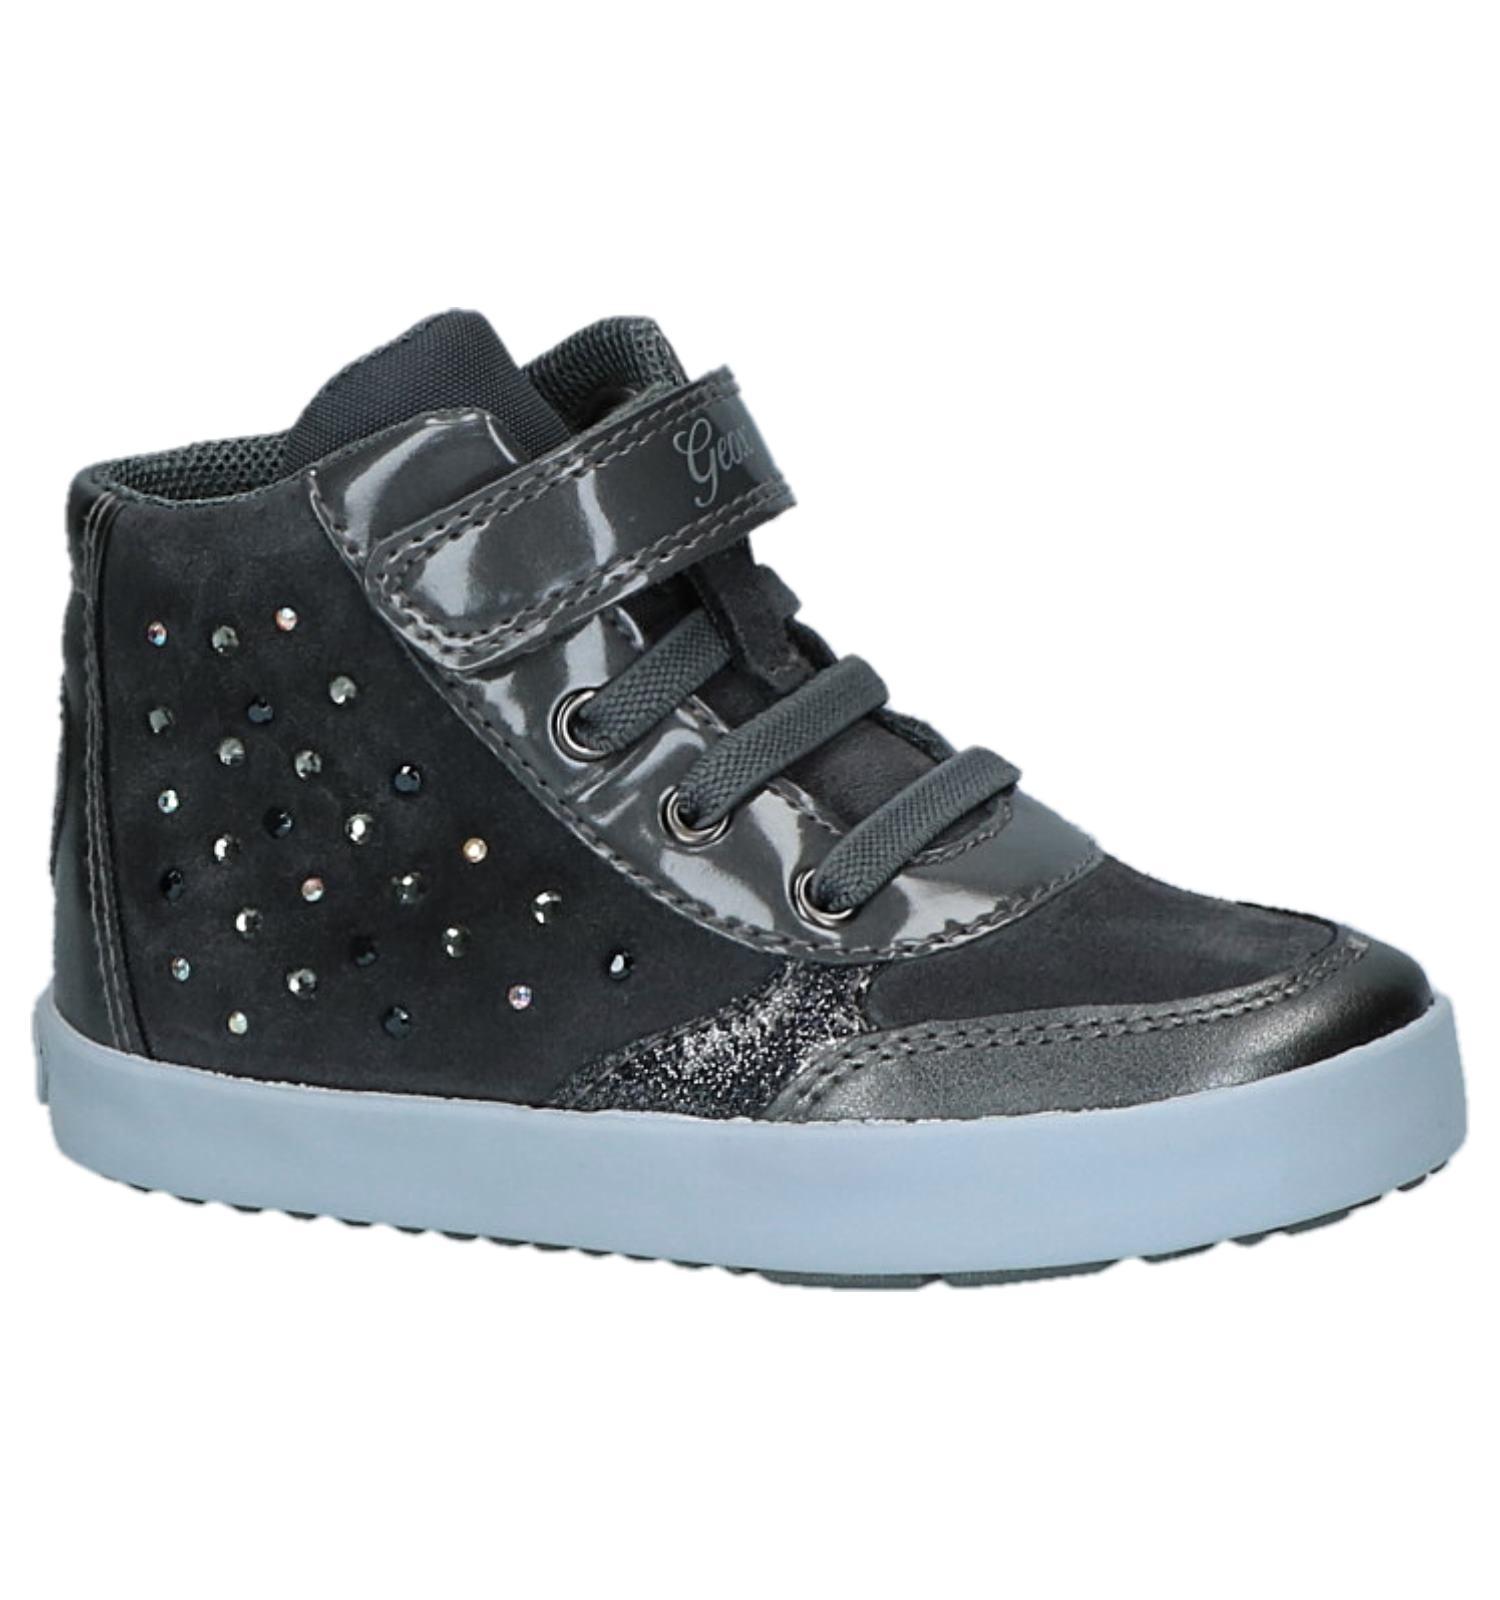 Geox Pour Chaussures Bébégris Et Livraison FoncéTorfs be qLSpUzVGM